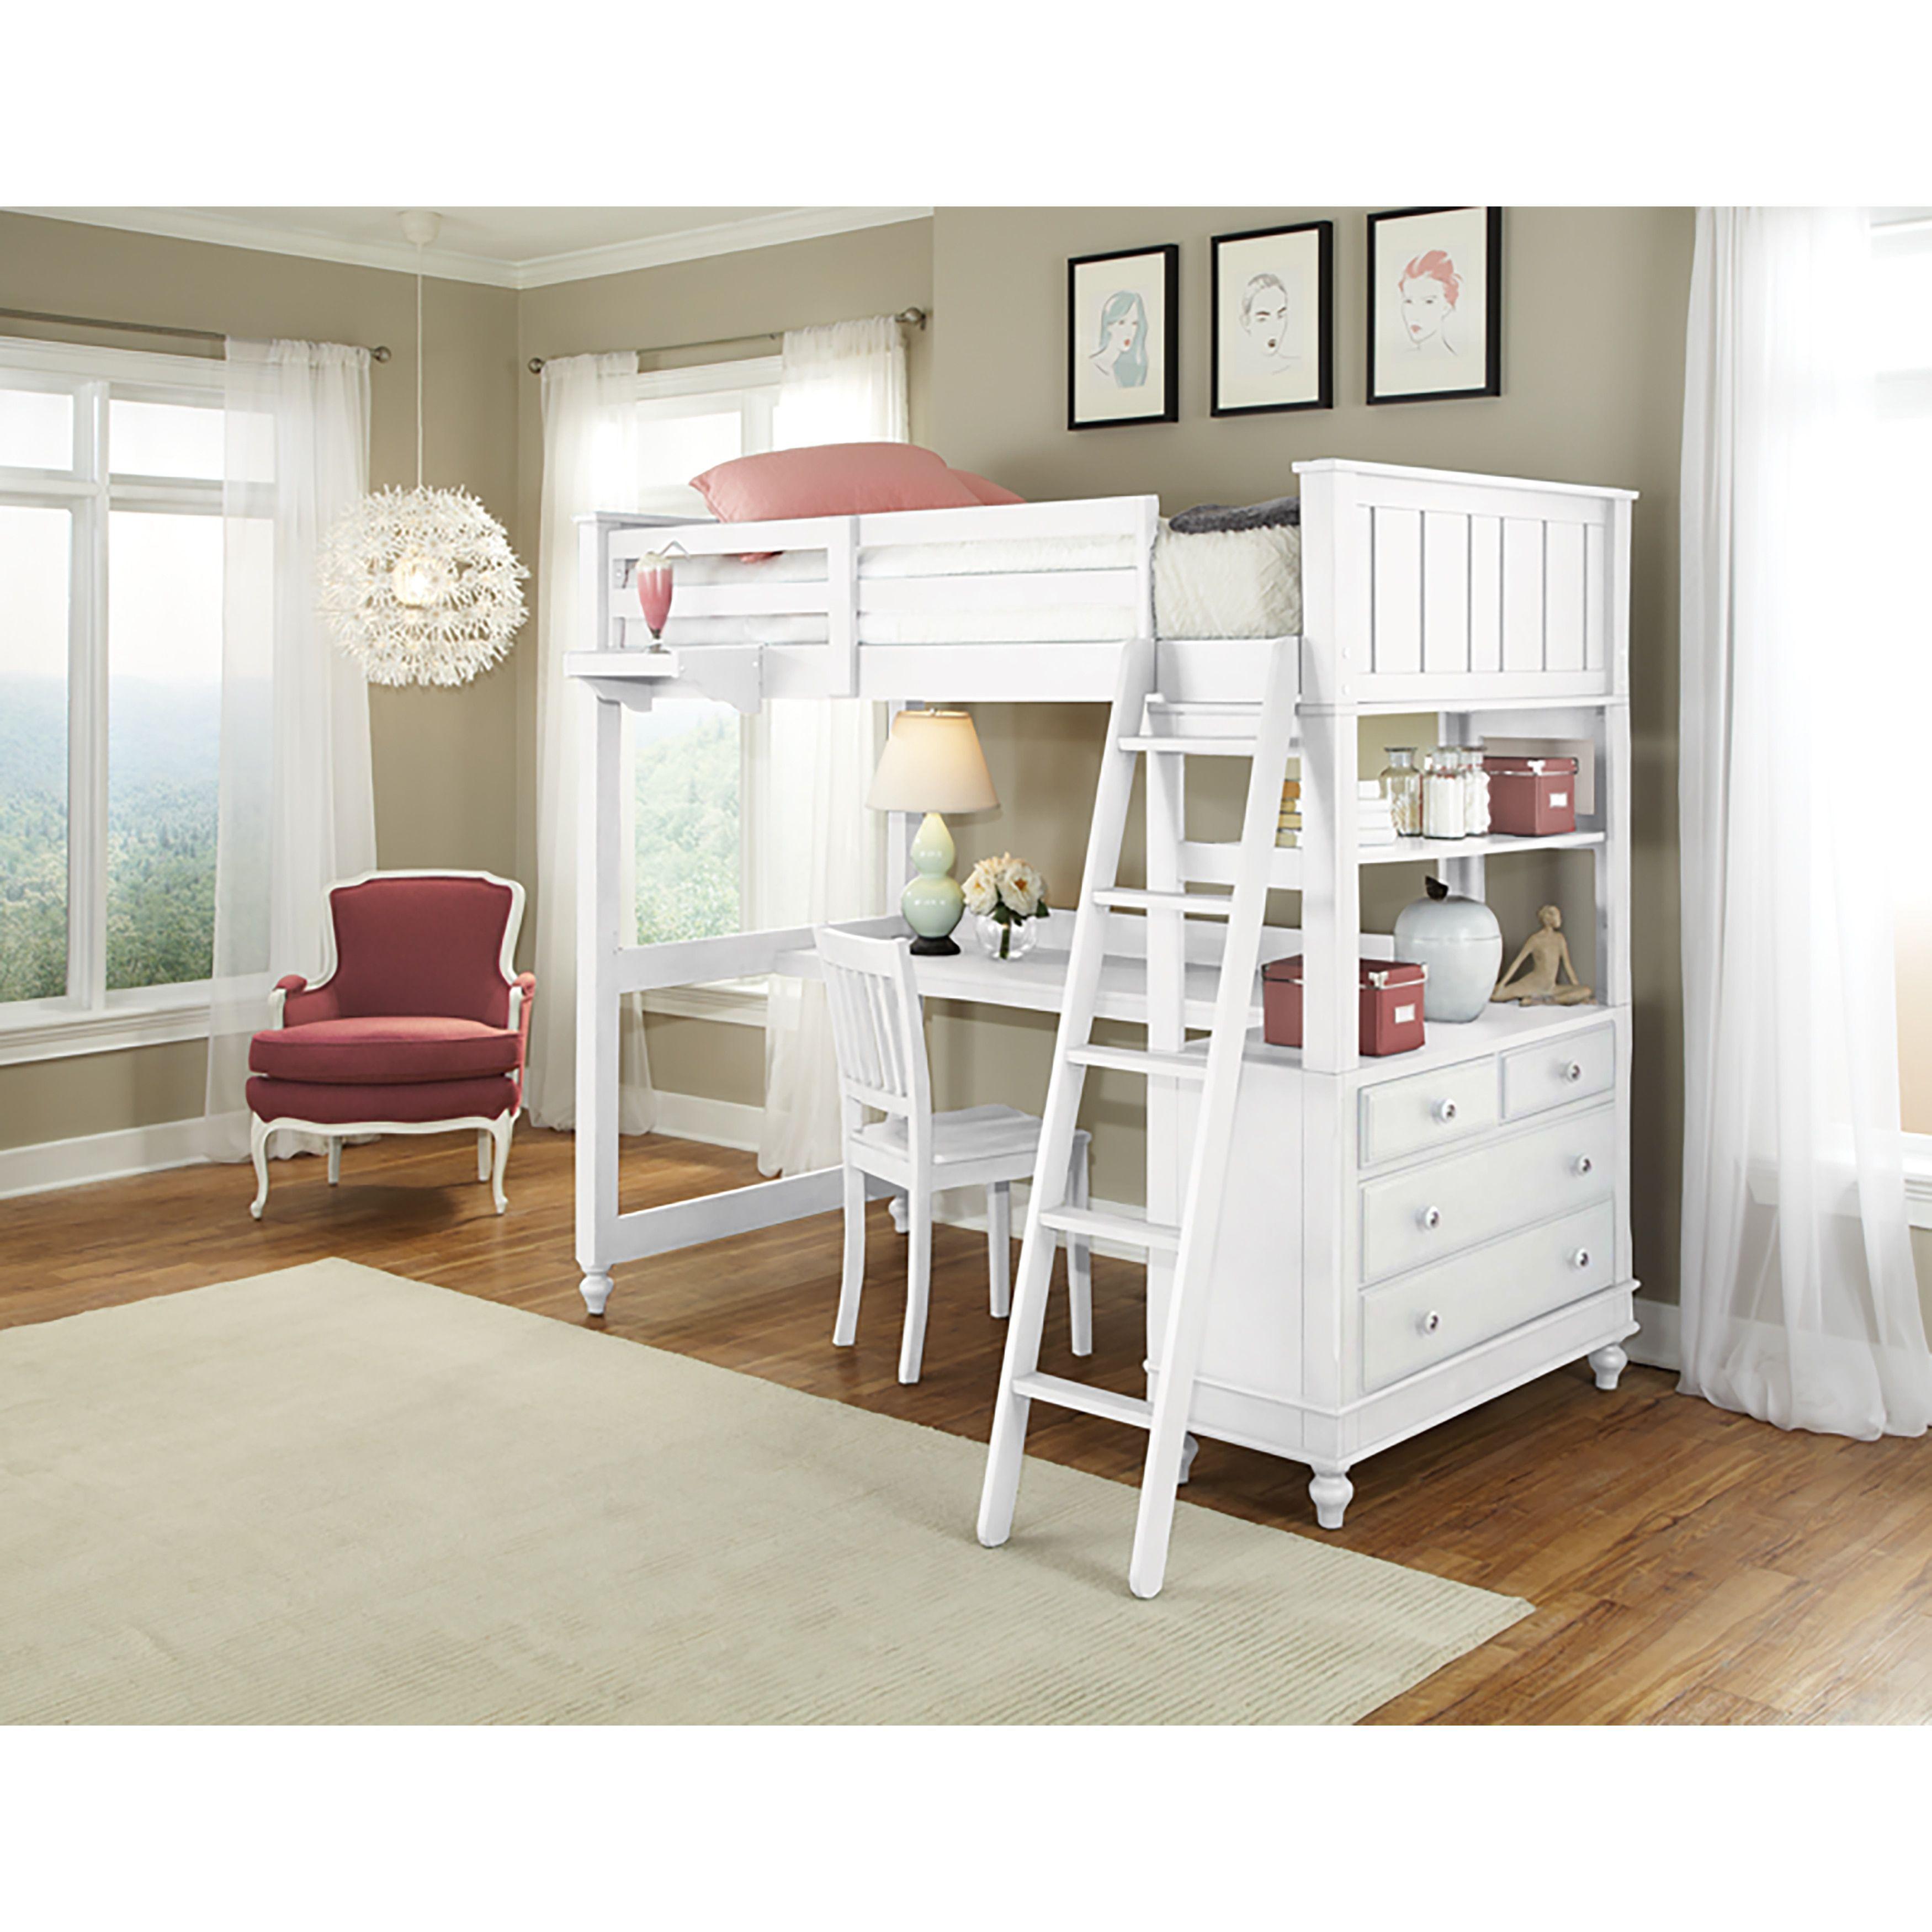 Lake House Twin Loft W/ White Desk Twin size loft bed